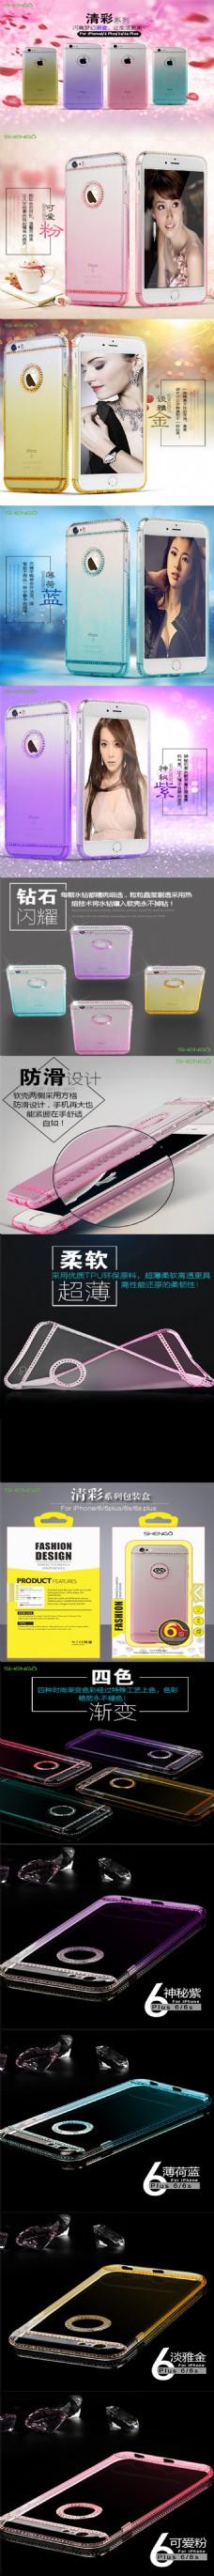 镶钻TPU手机软壳详情描述